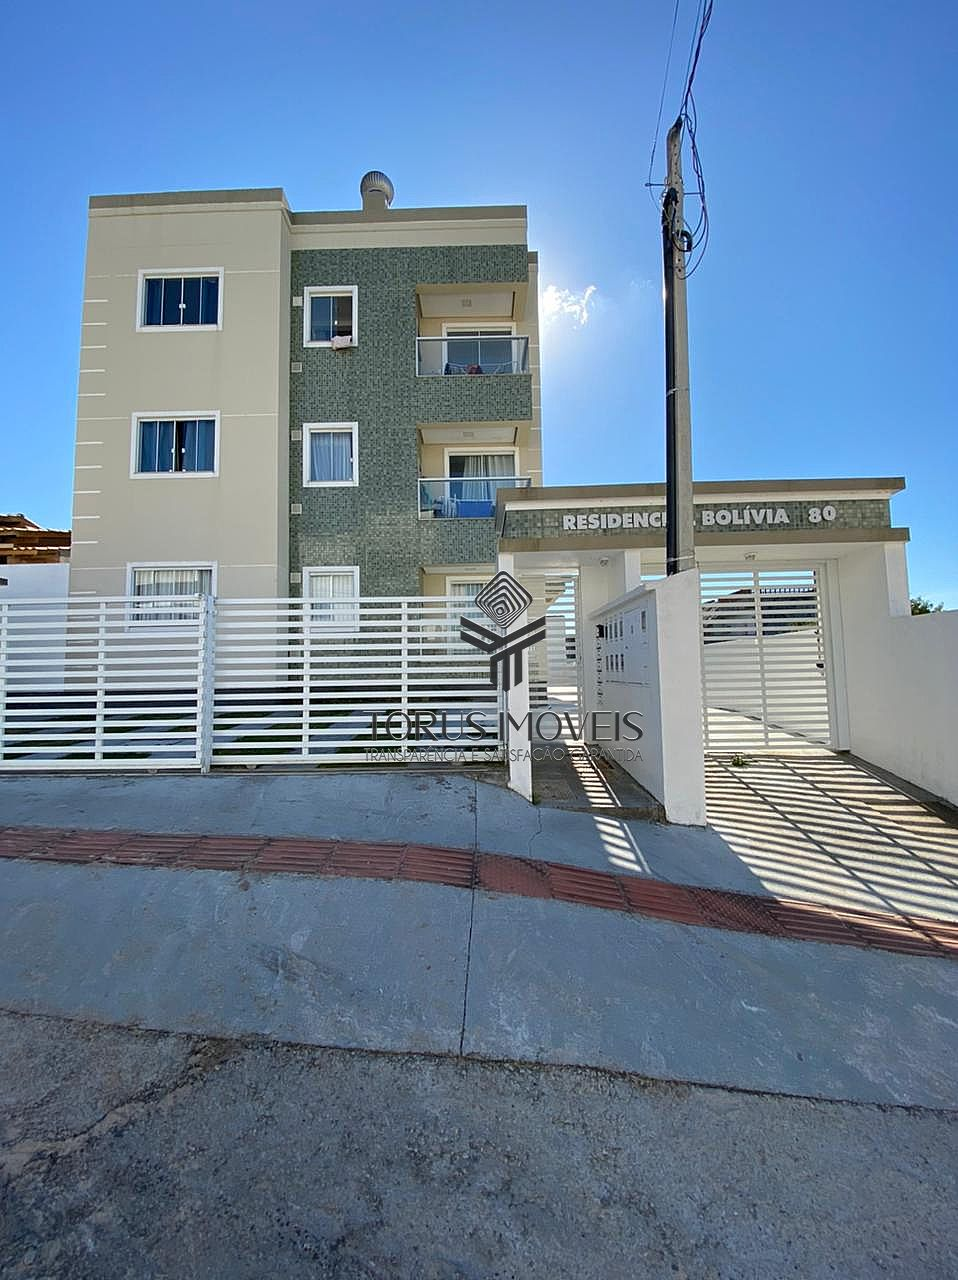 Apartamento para Venda - Village - Imbituba/SC - Residencial Bolívia